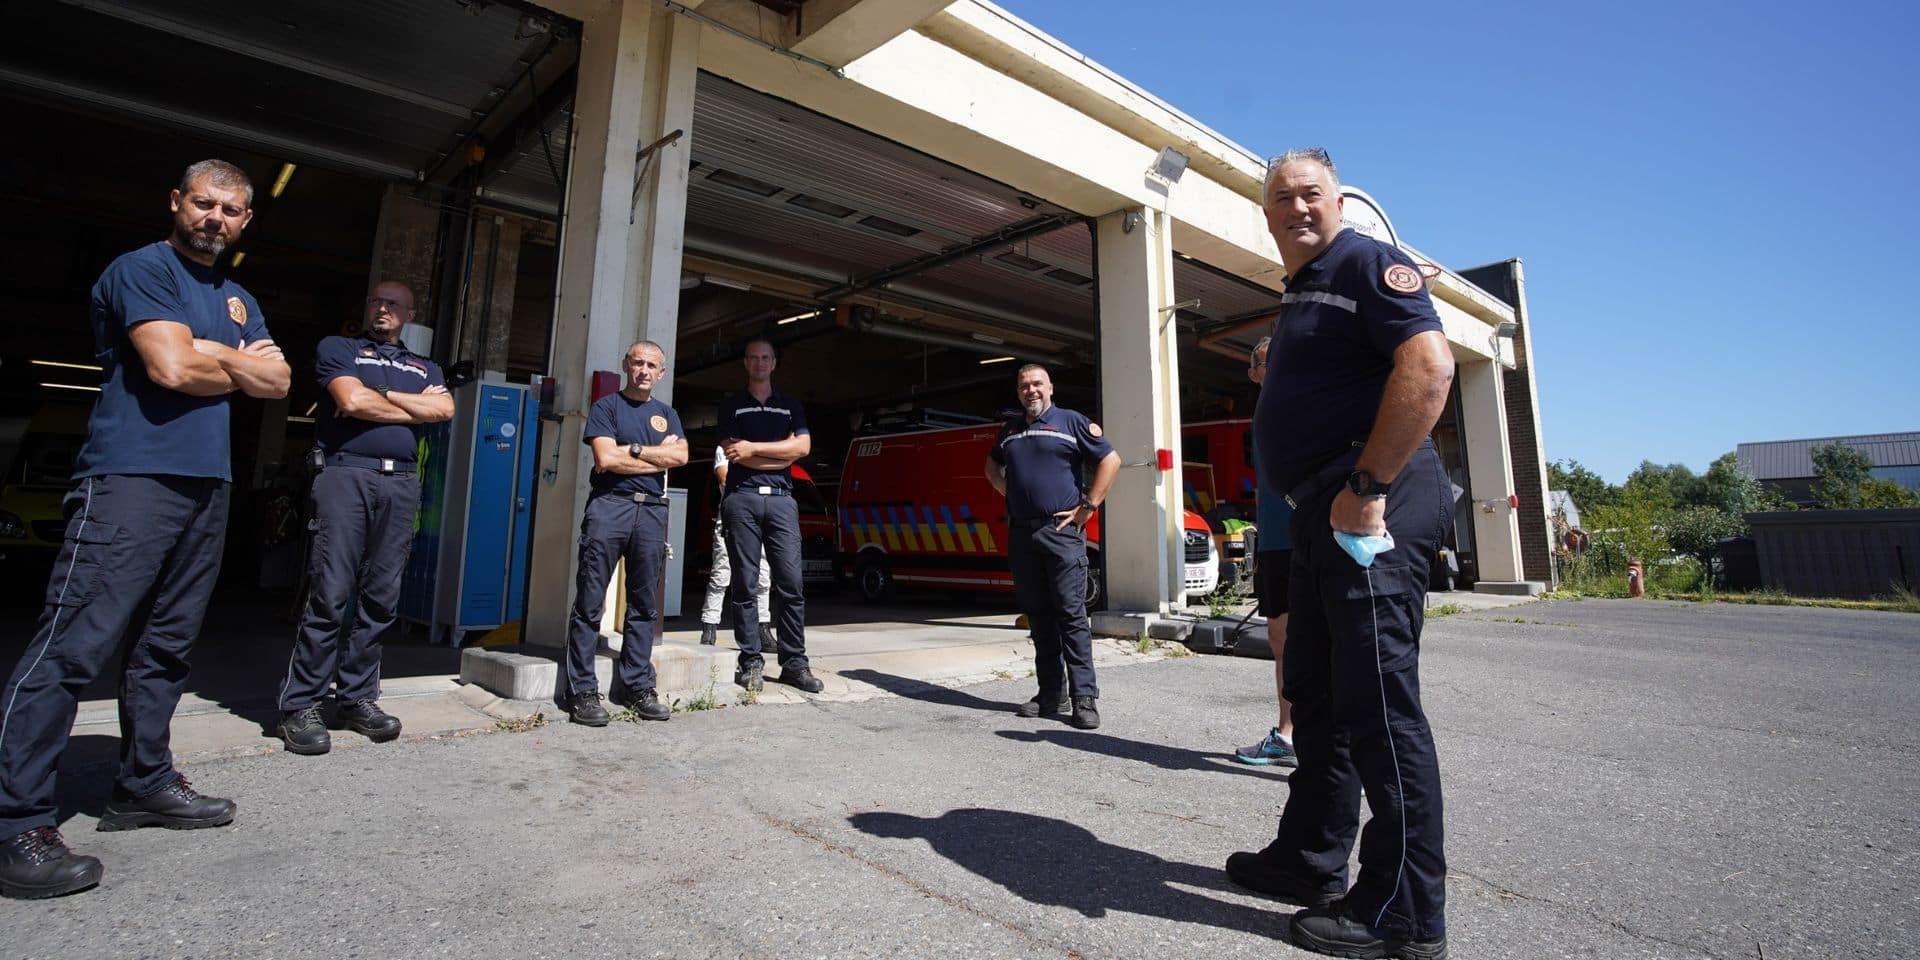 Nouvelle caserne des pompiers à Tubize: ça avance, enfin!